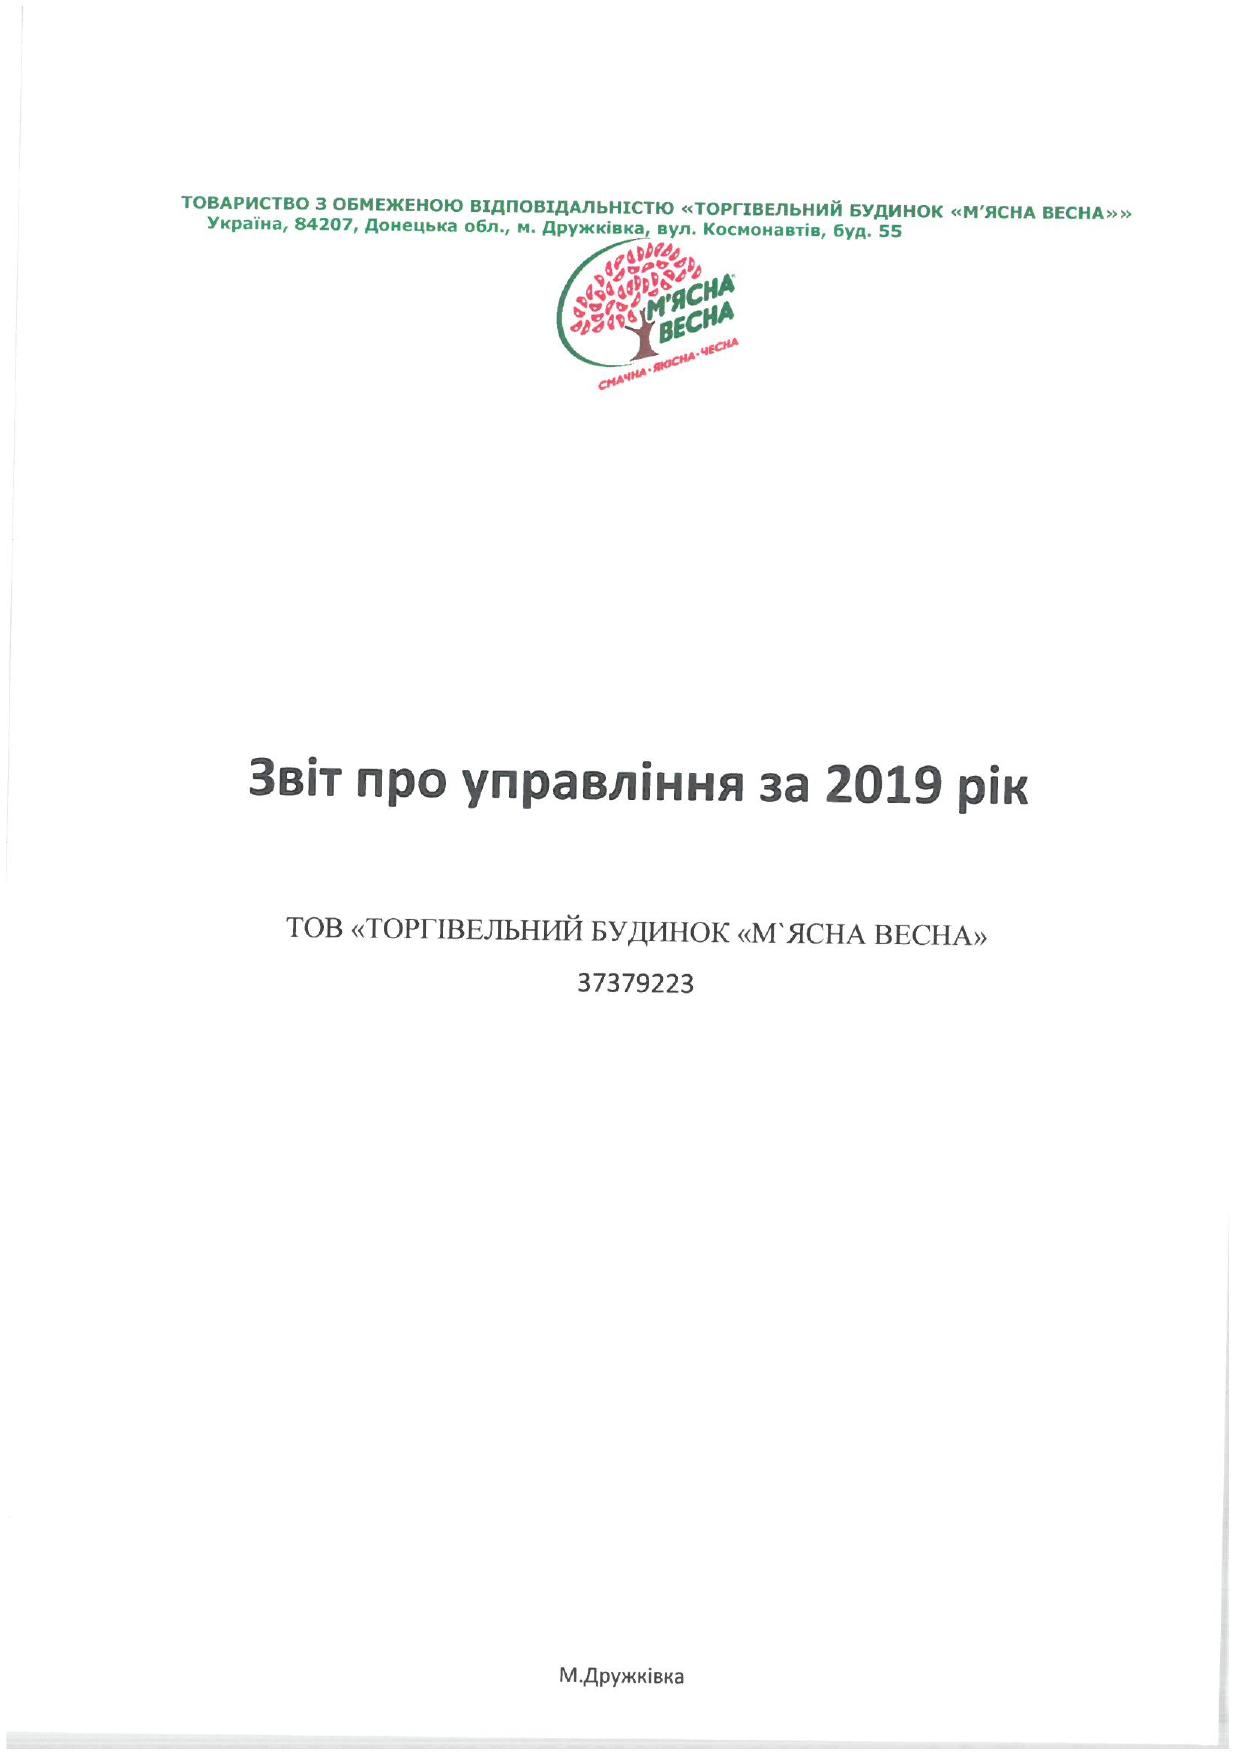 Отчет об управлении 2019